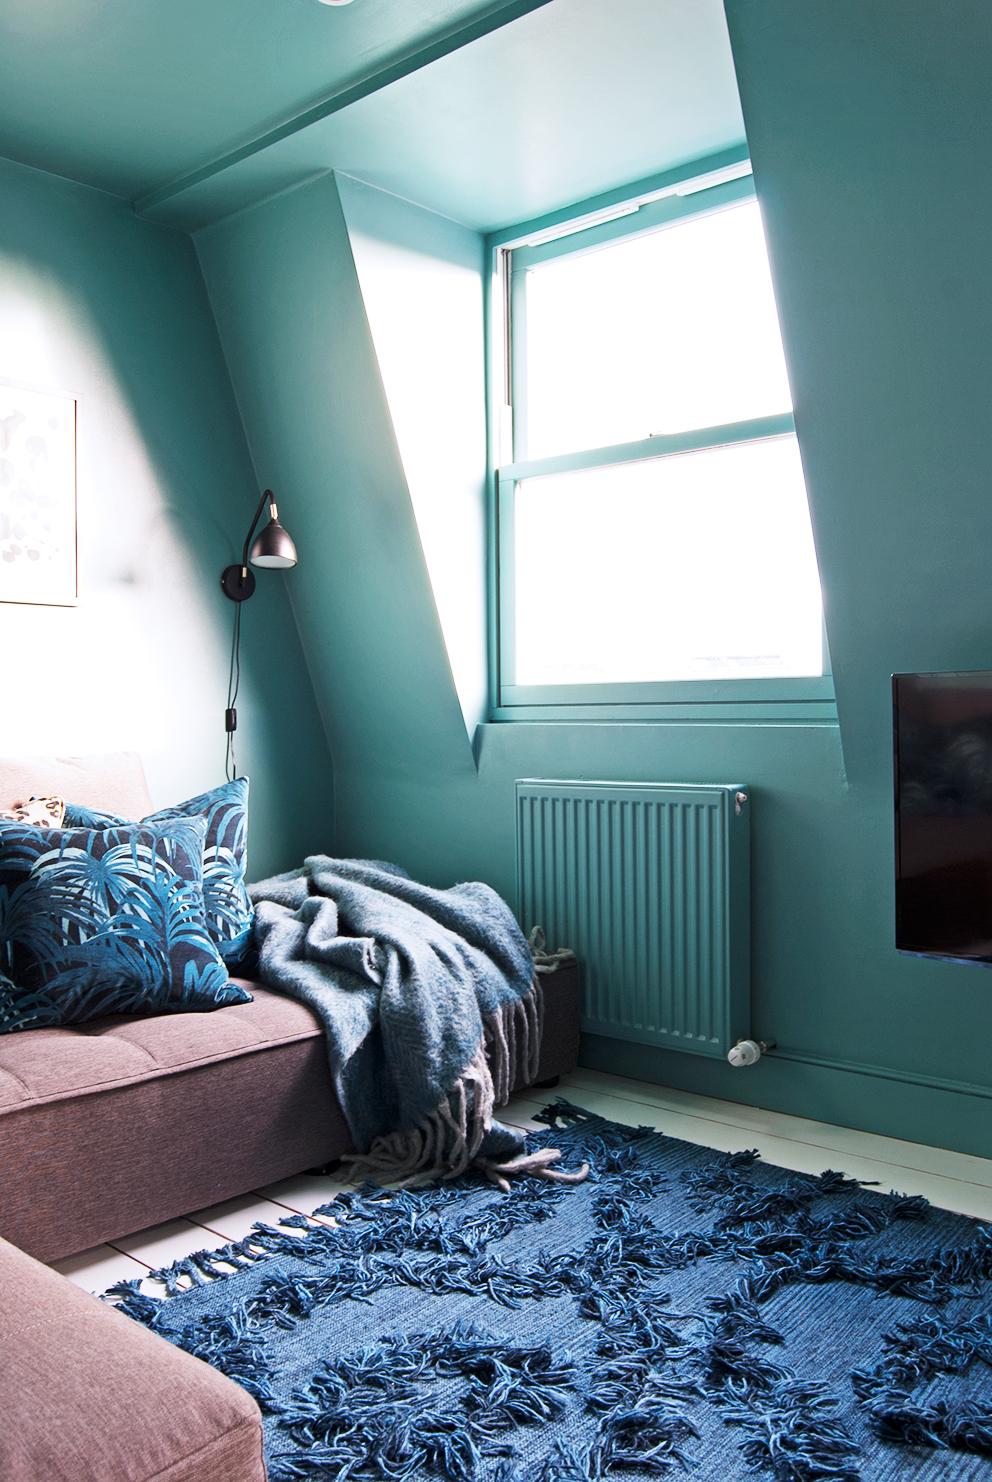 Family TV Room Reveal - French For Pineapple Blog